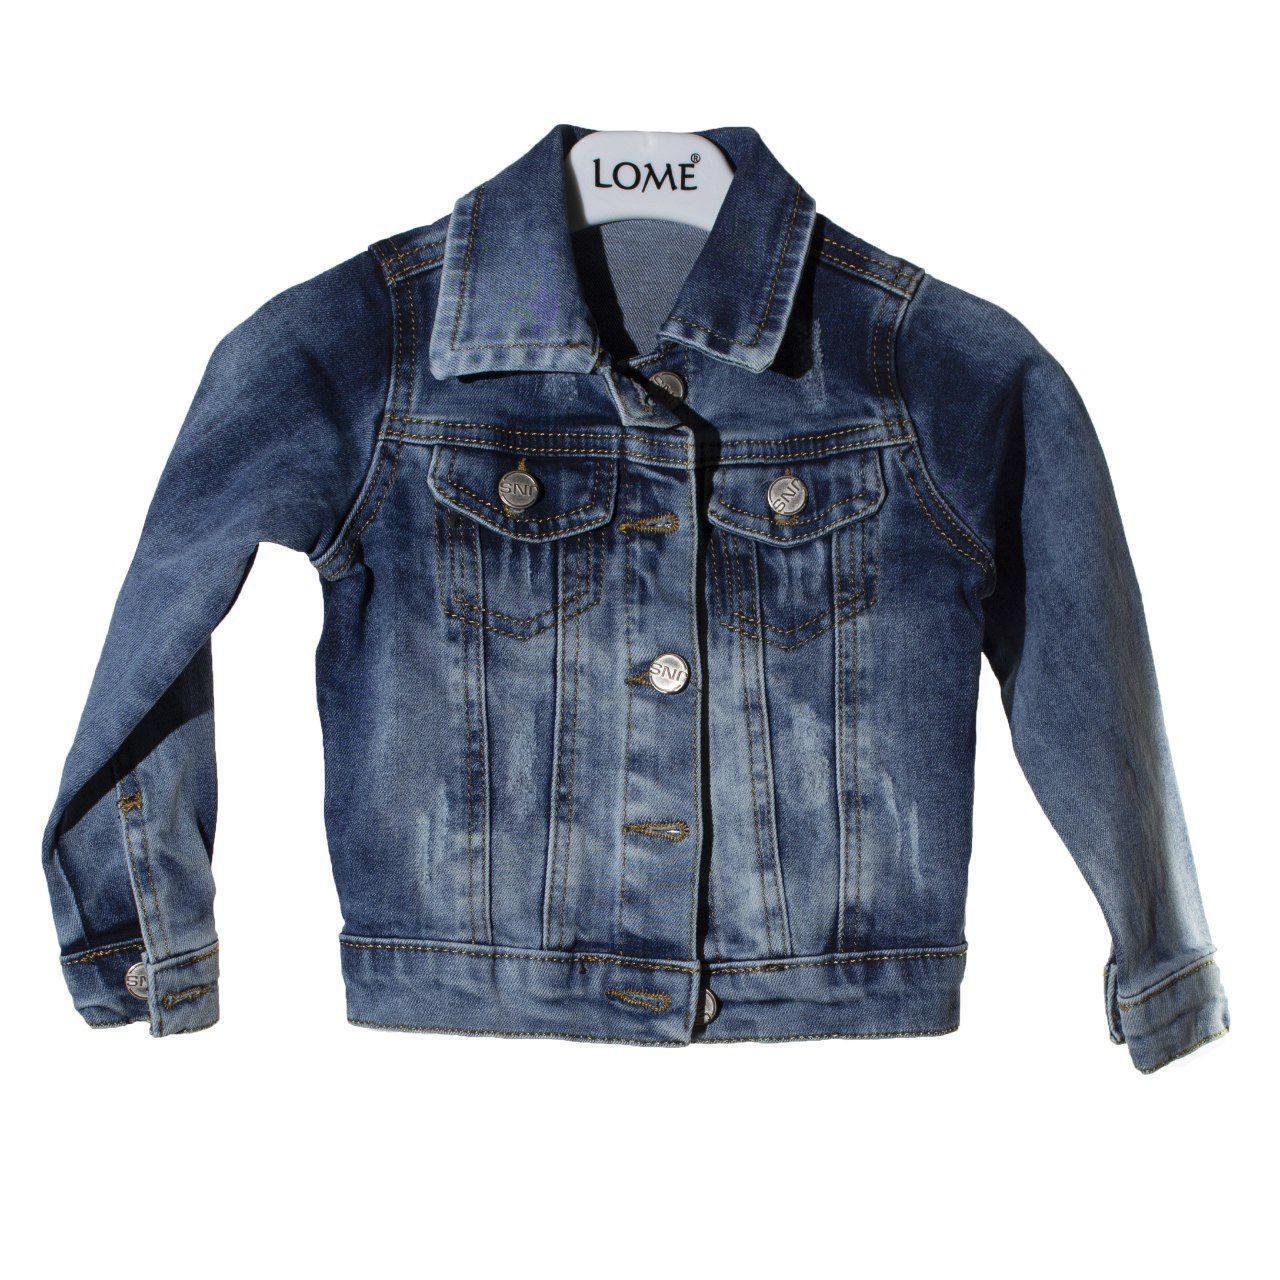 Джинсовая куртка для девочки, размер  2 года